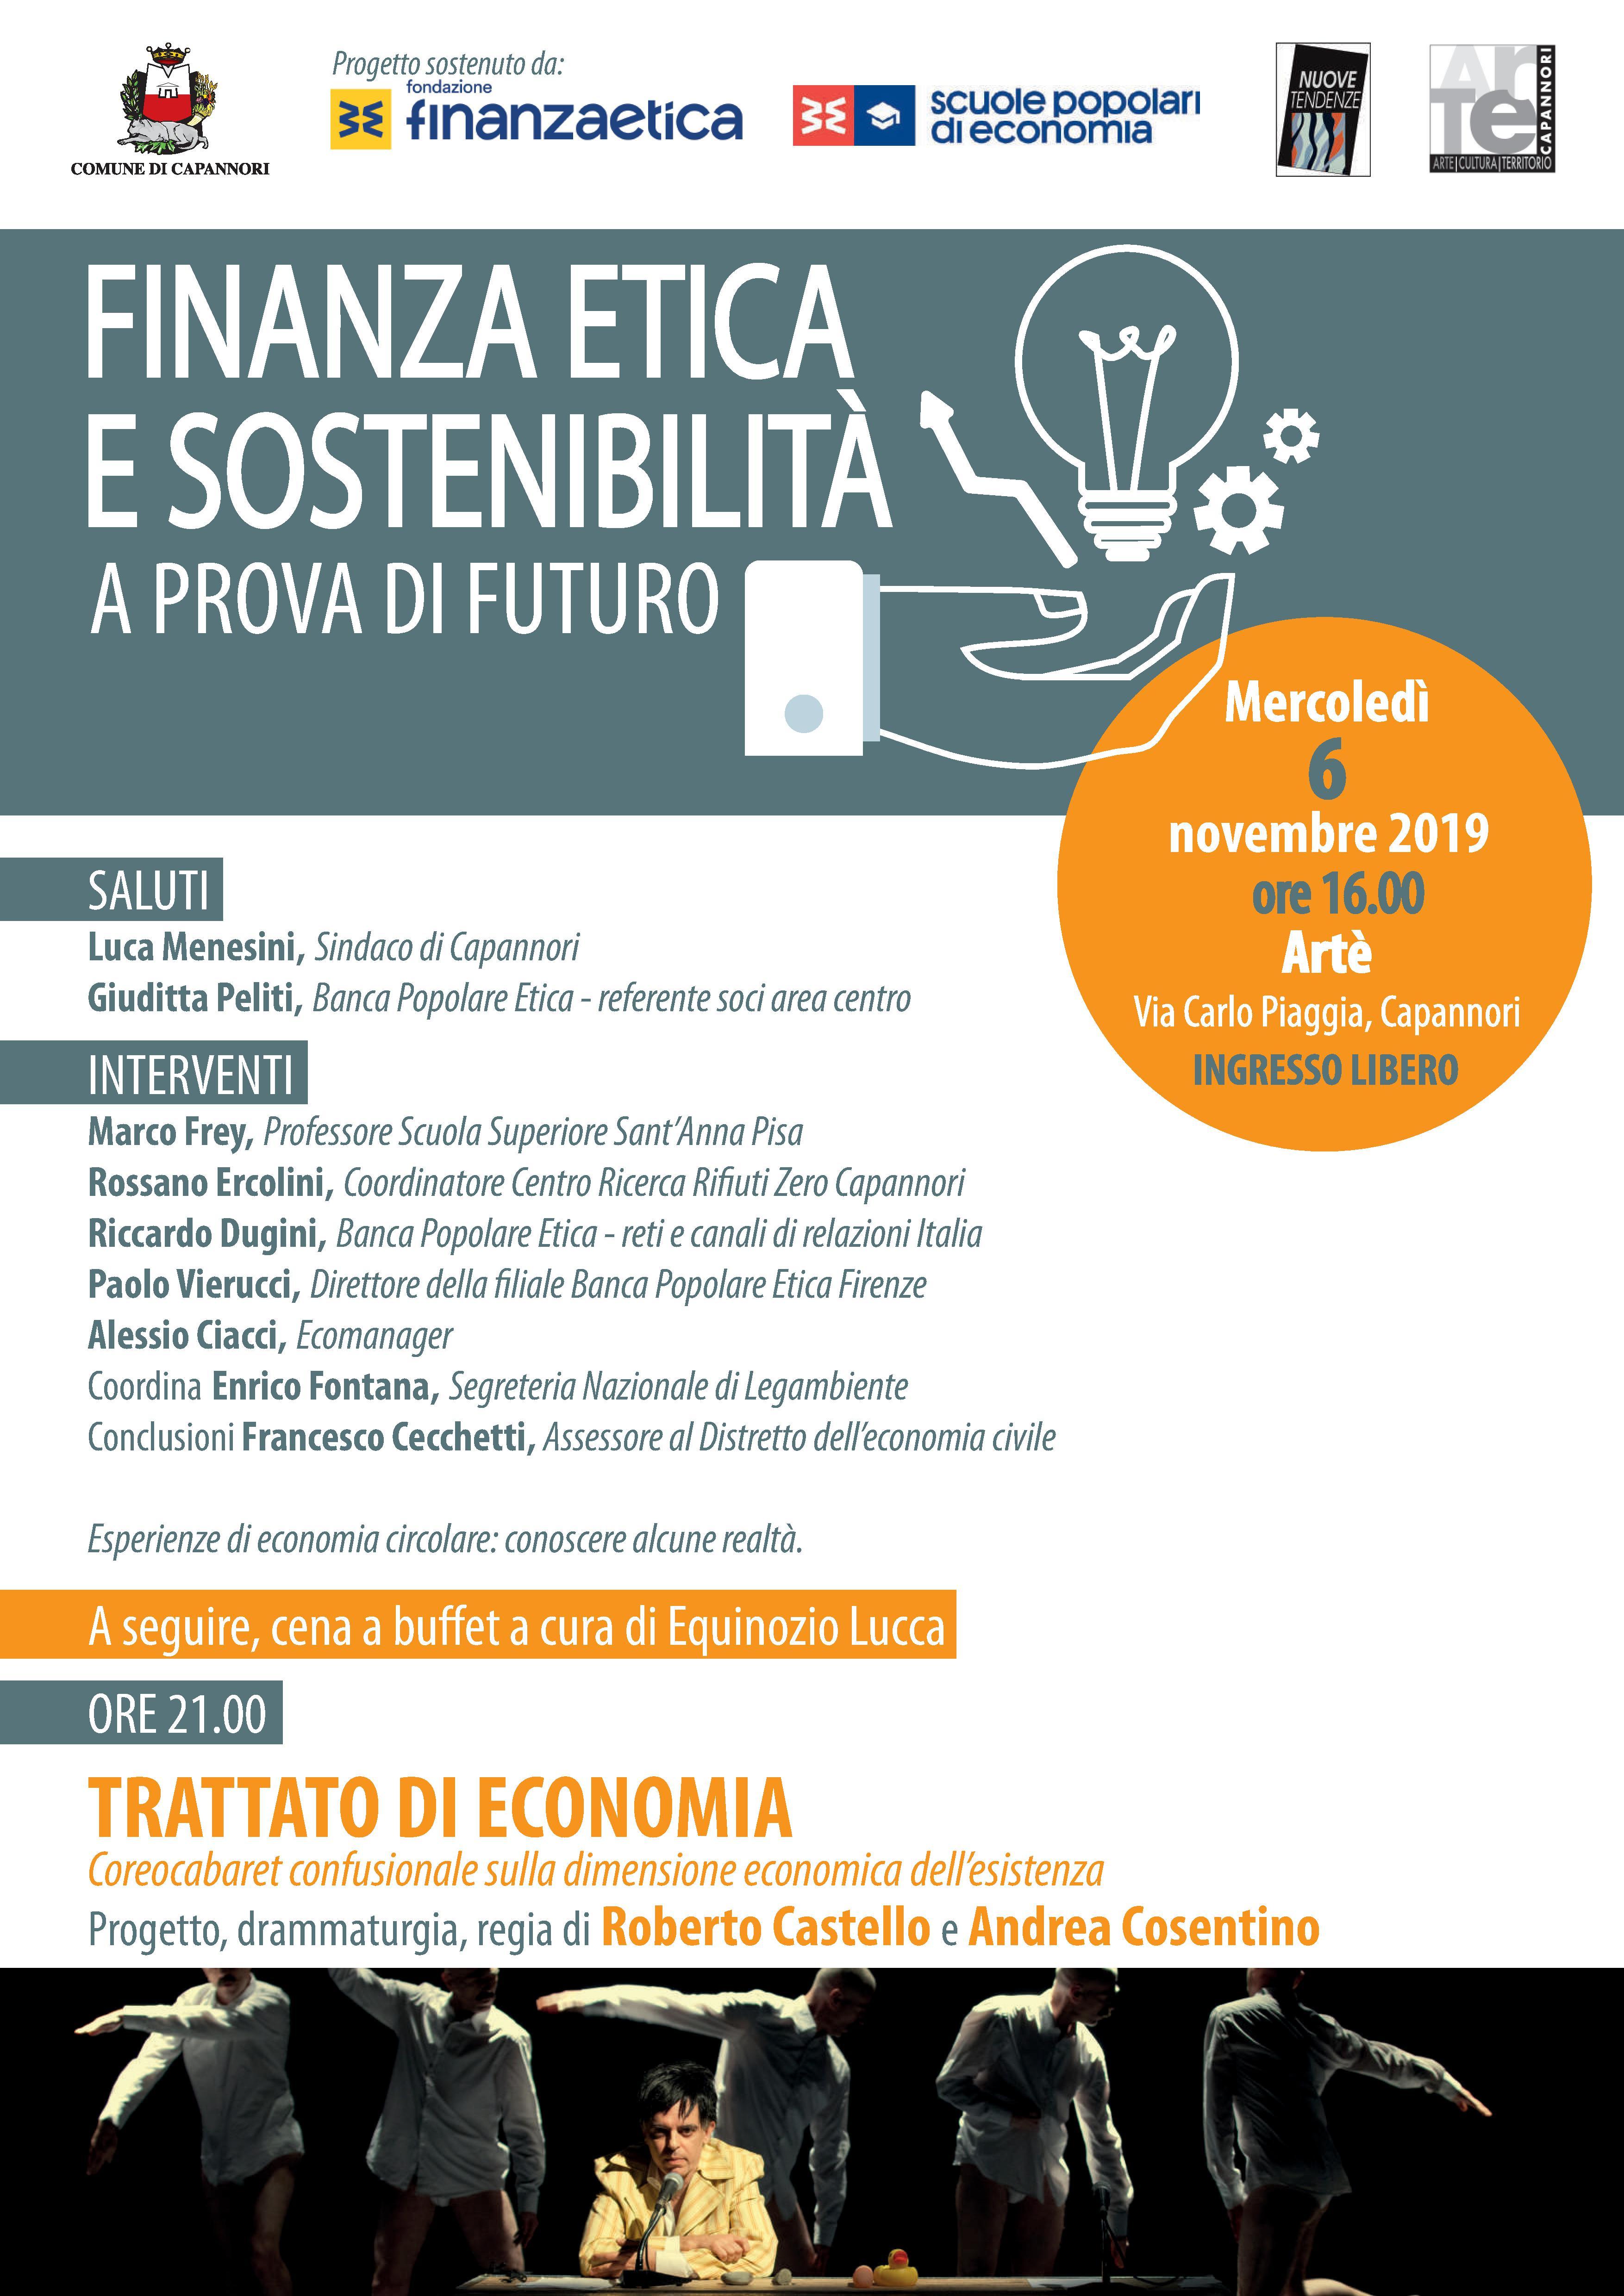 Finanza Etica e Sostenibilità